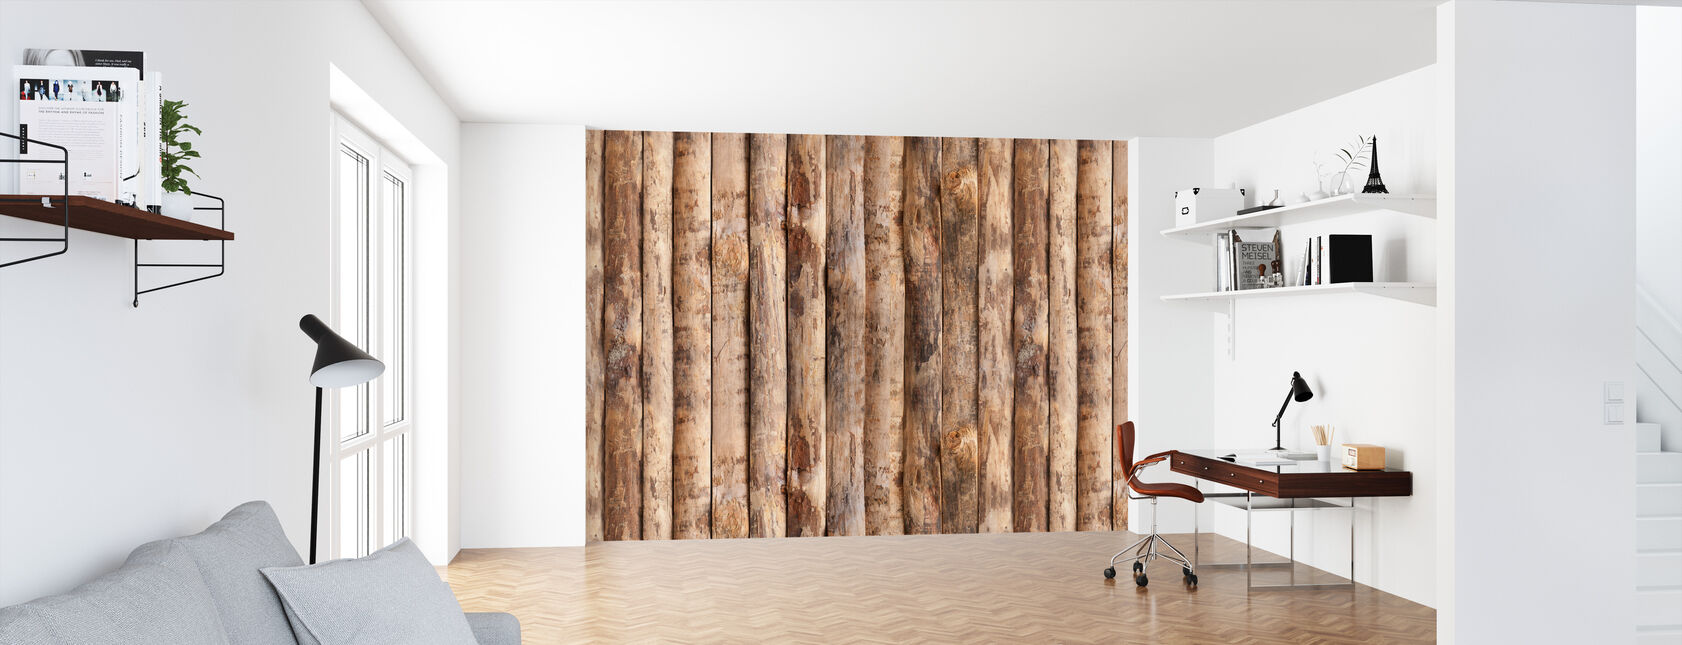 Opretstående trævæg - Tapet - Kontor